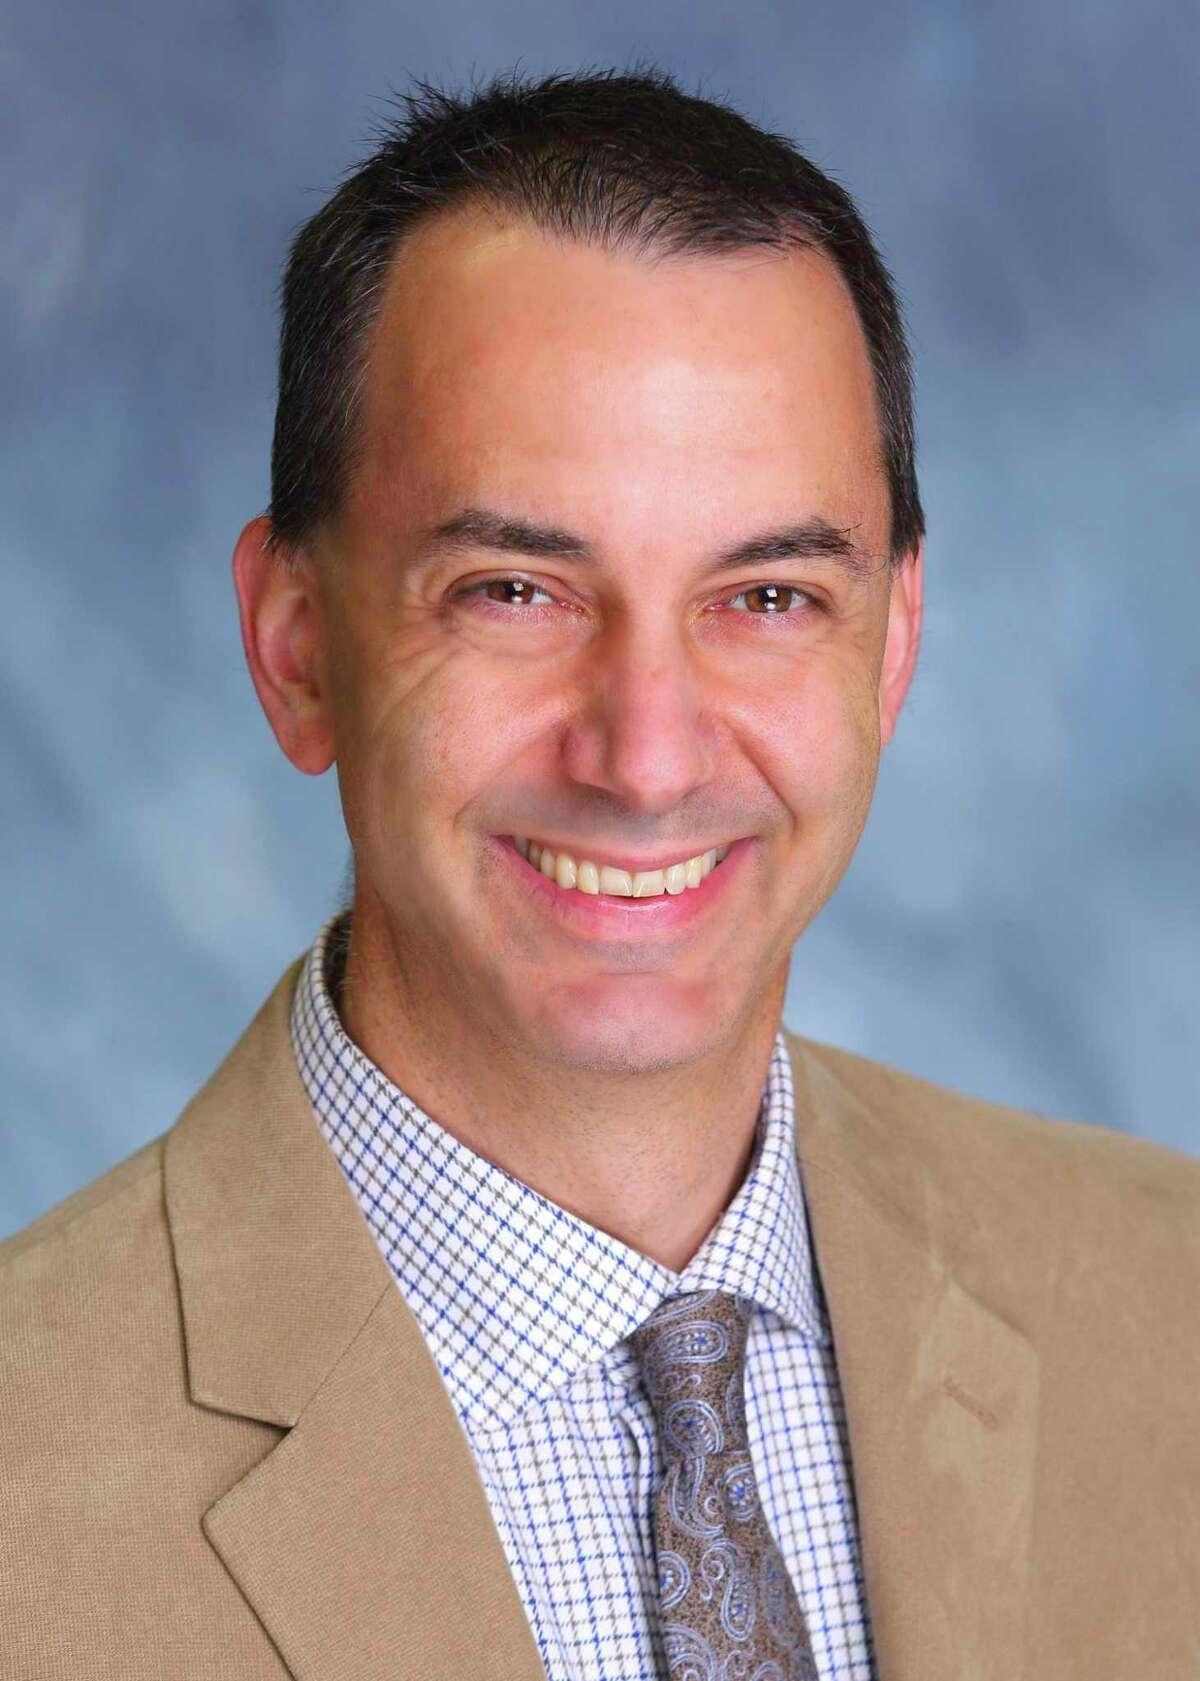 Jim Woehrle